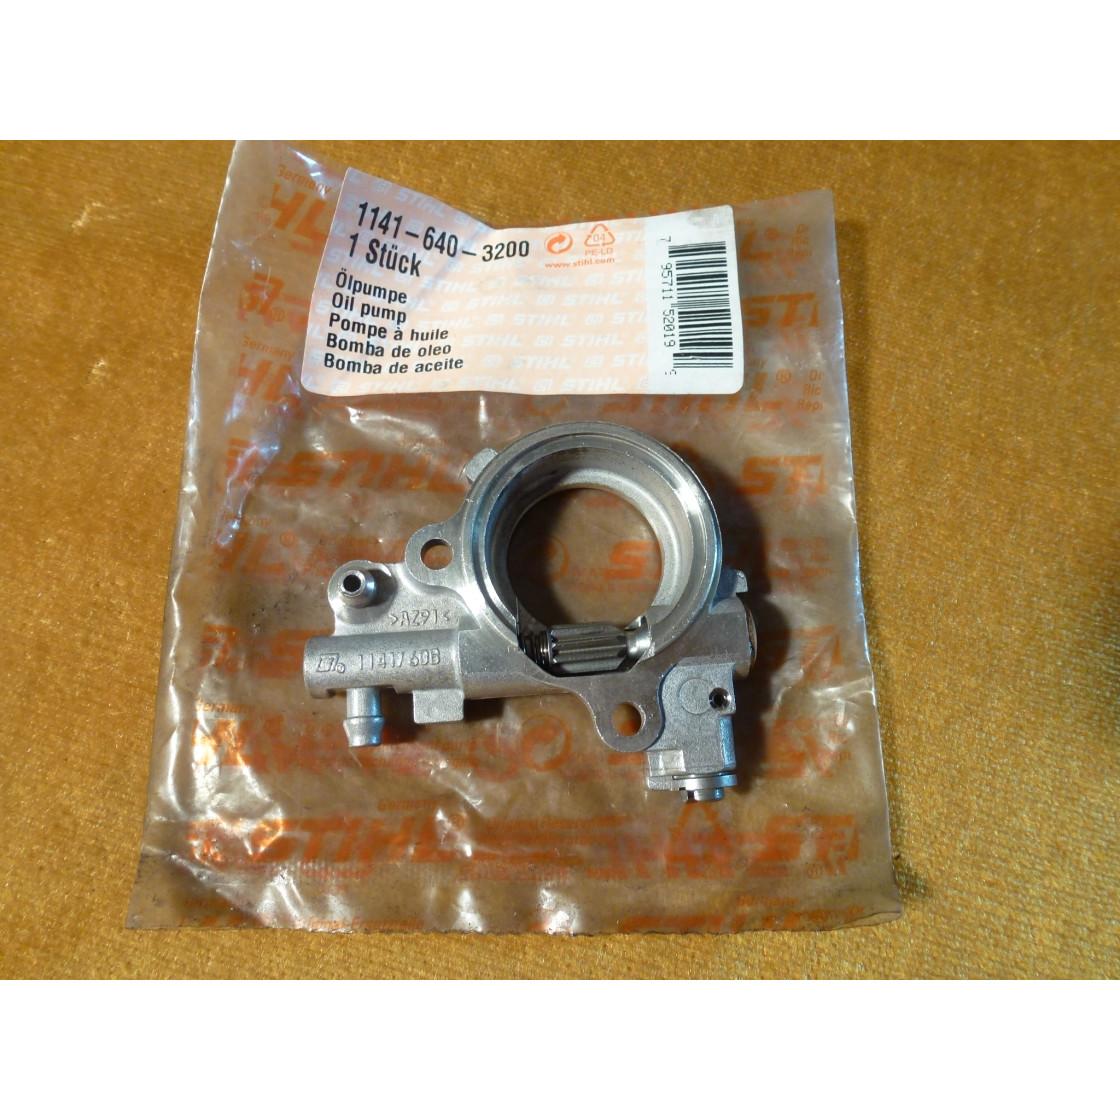 NEU Original Stihl MS 261 Ölpumpe 1141 640 3200